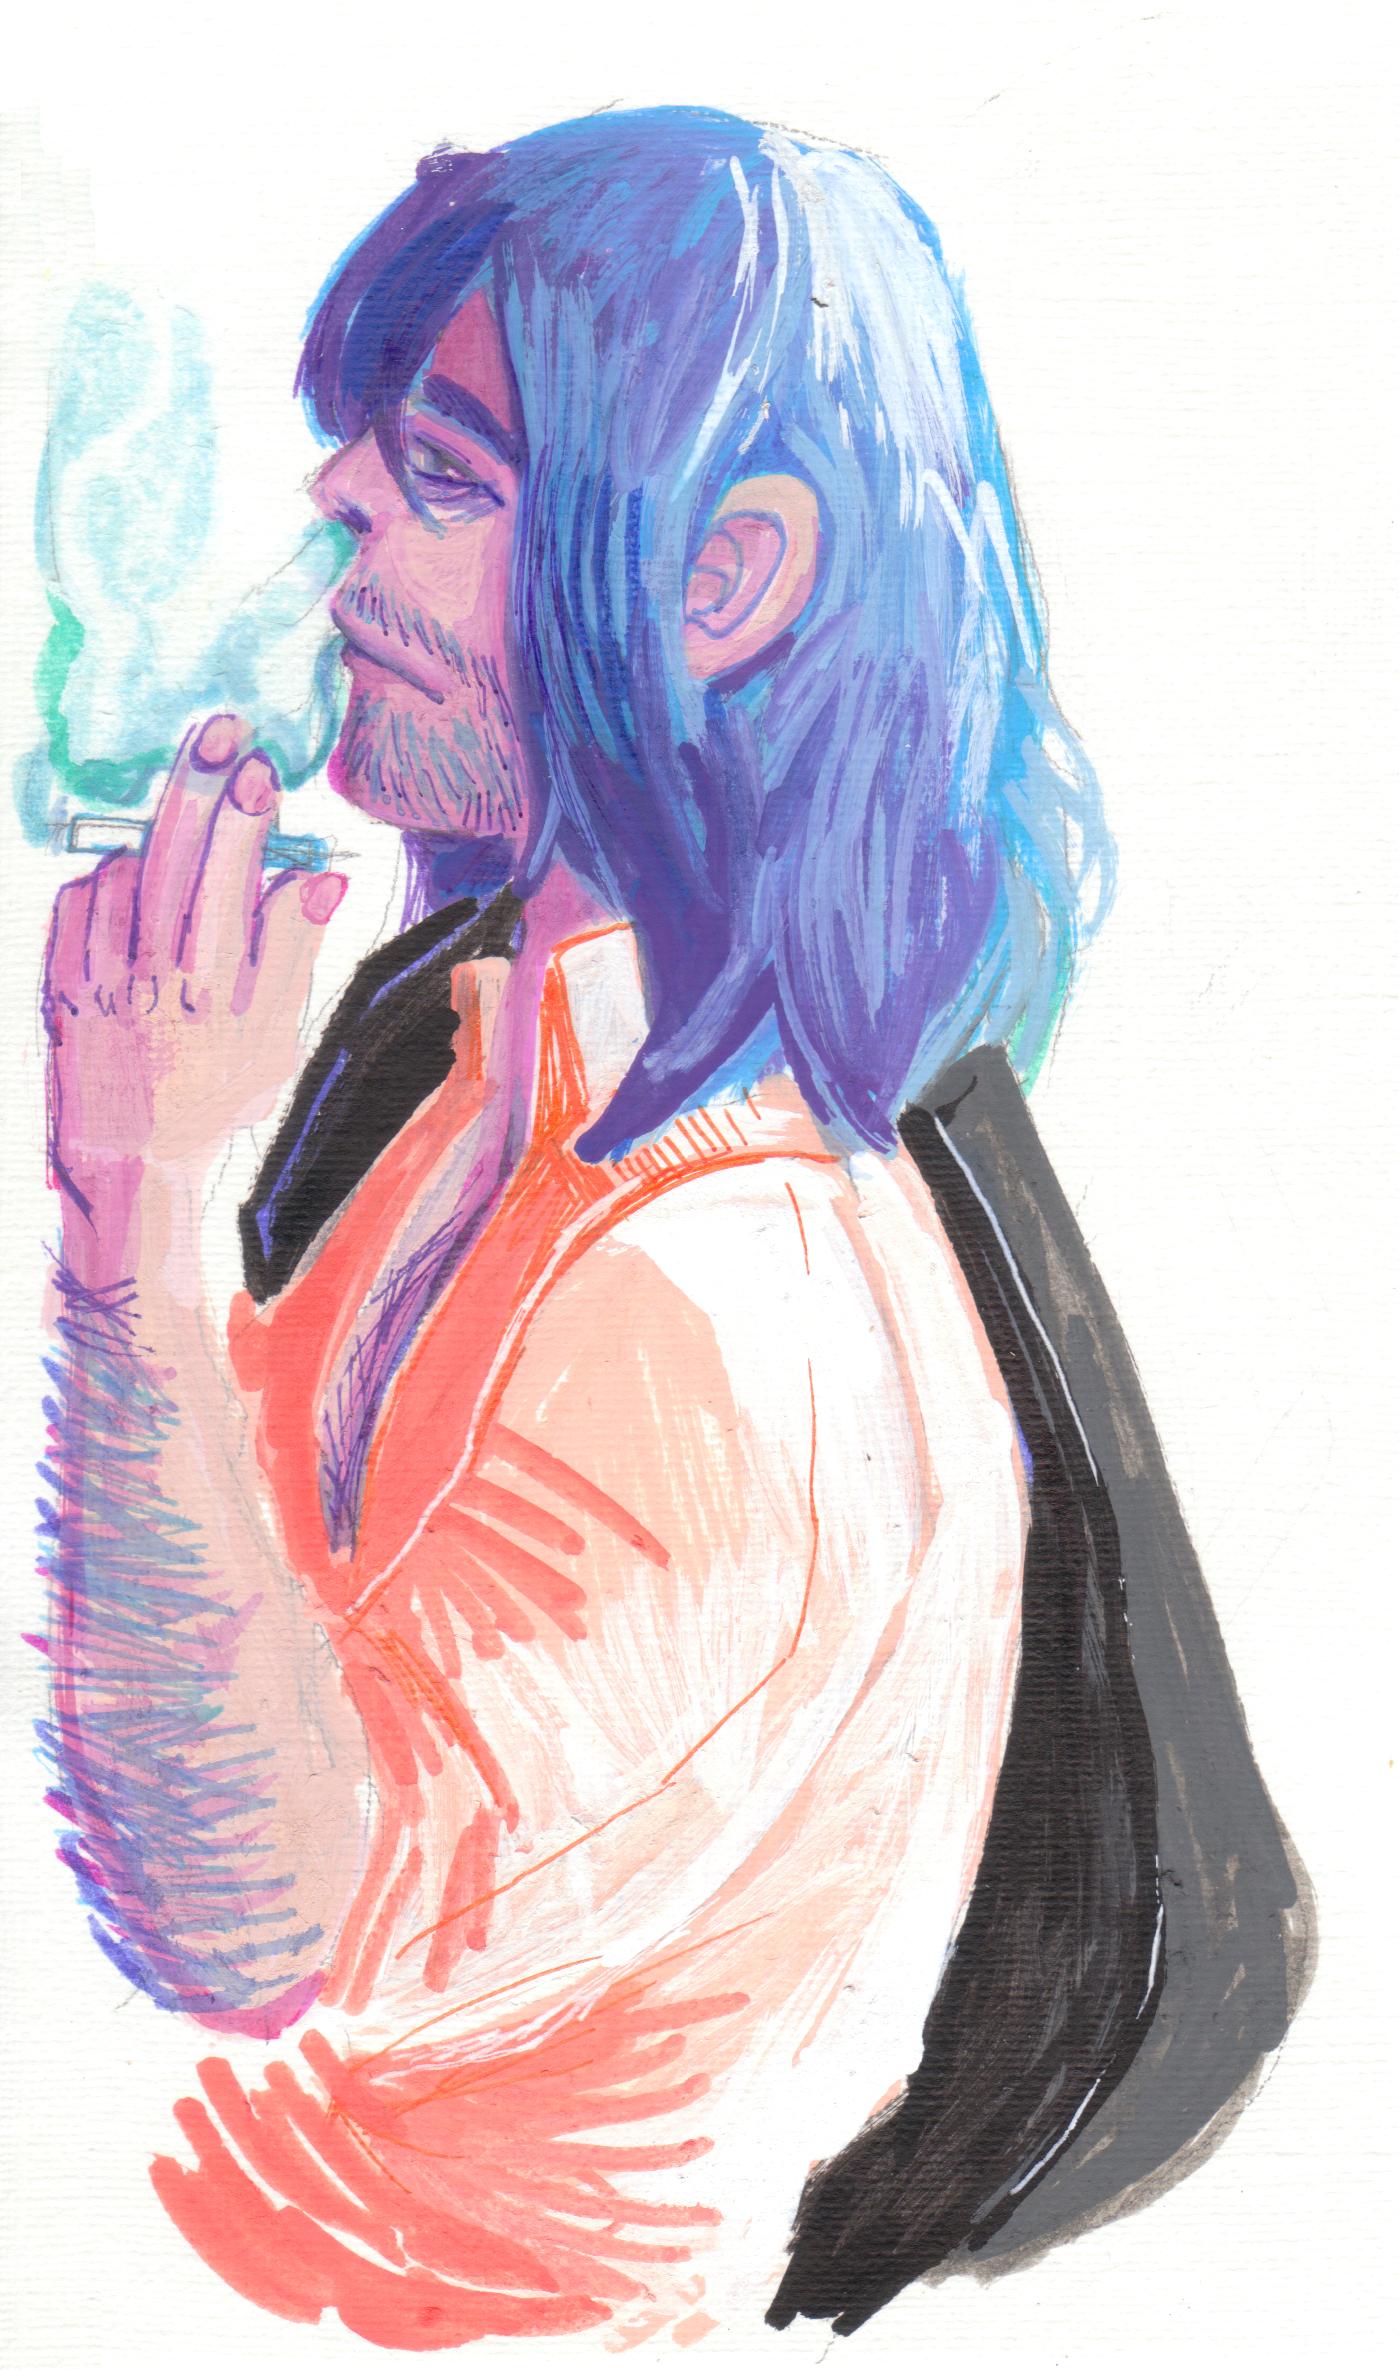 Aizawa, Smoking, markers, illustrations, BNHA, MHA